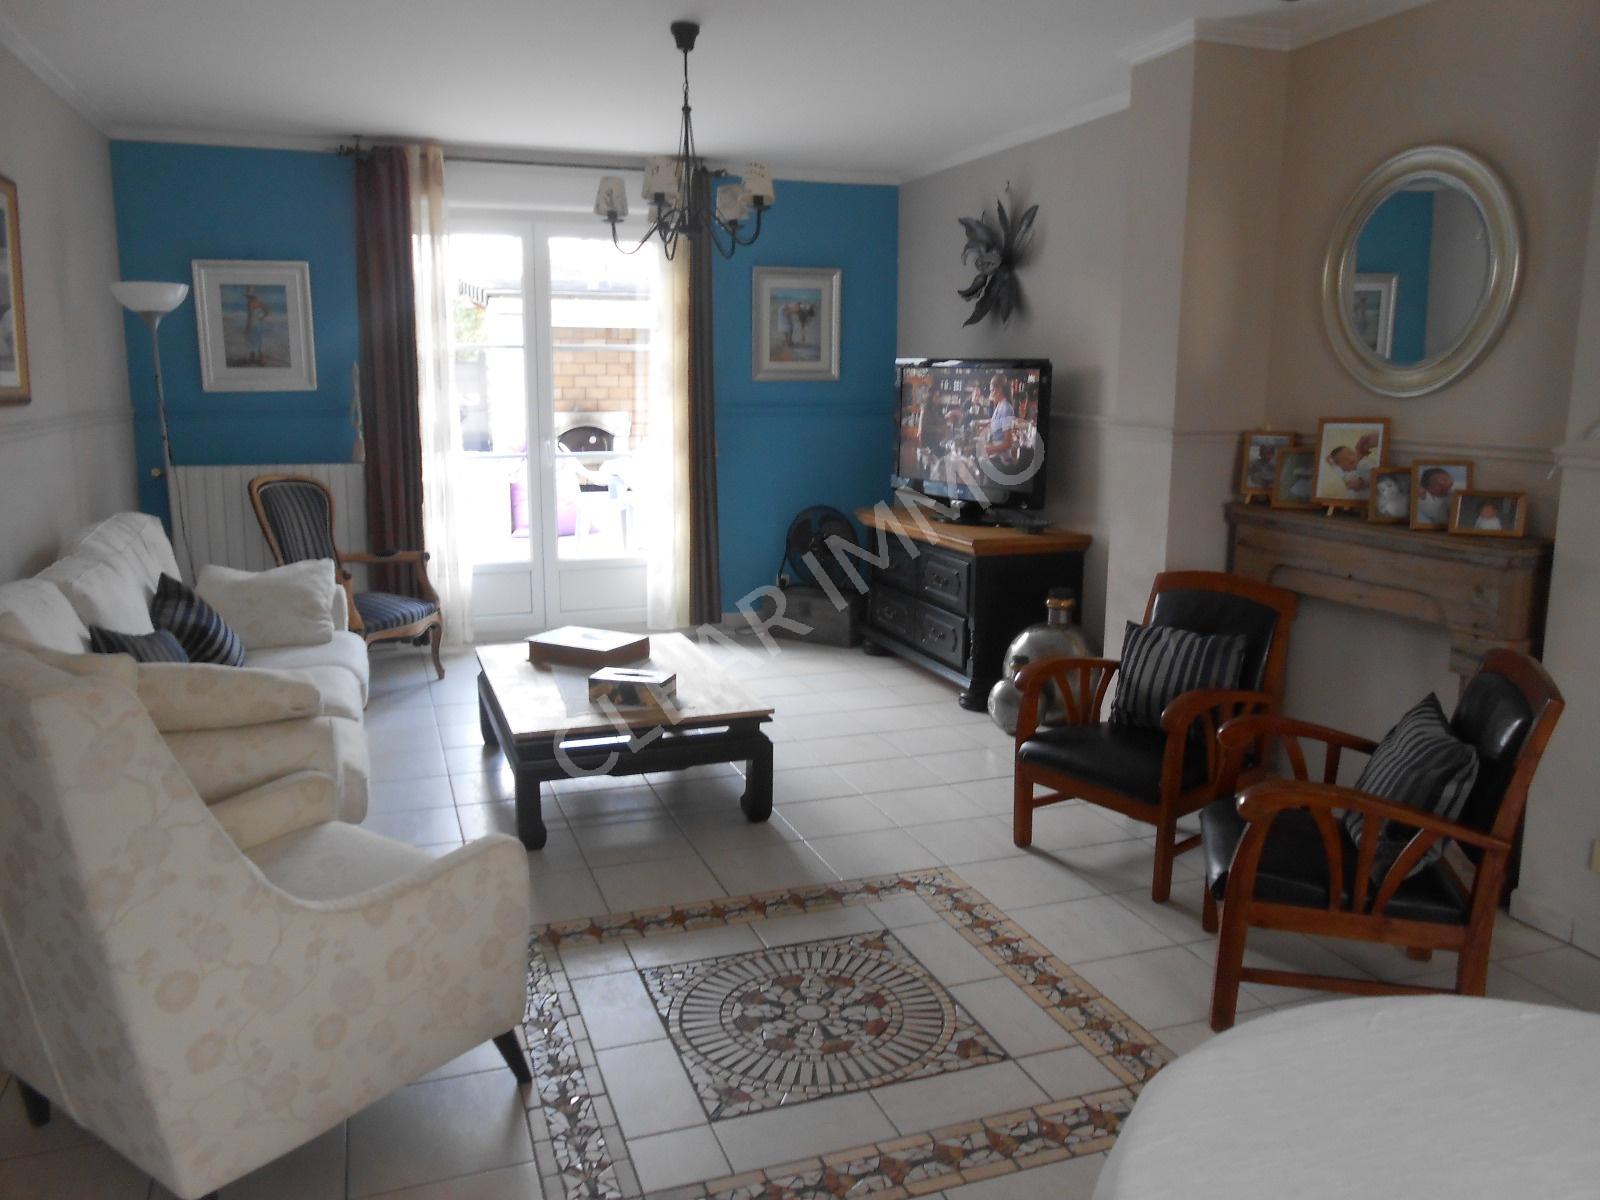 Vente maison à fameck 5 pièces 180 m²